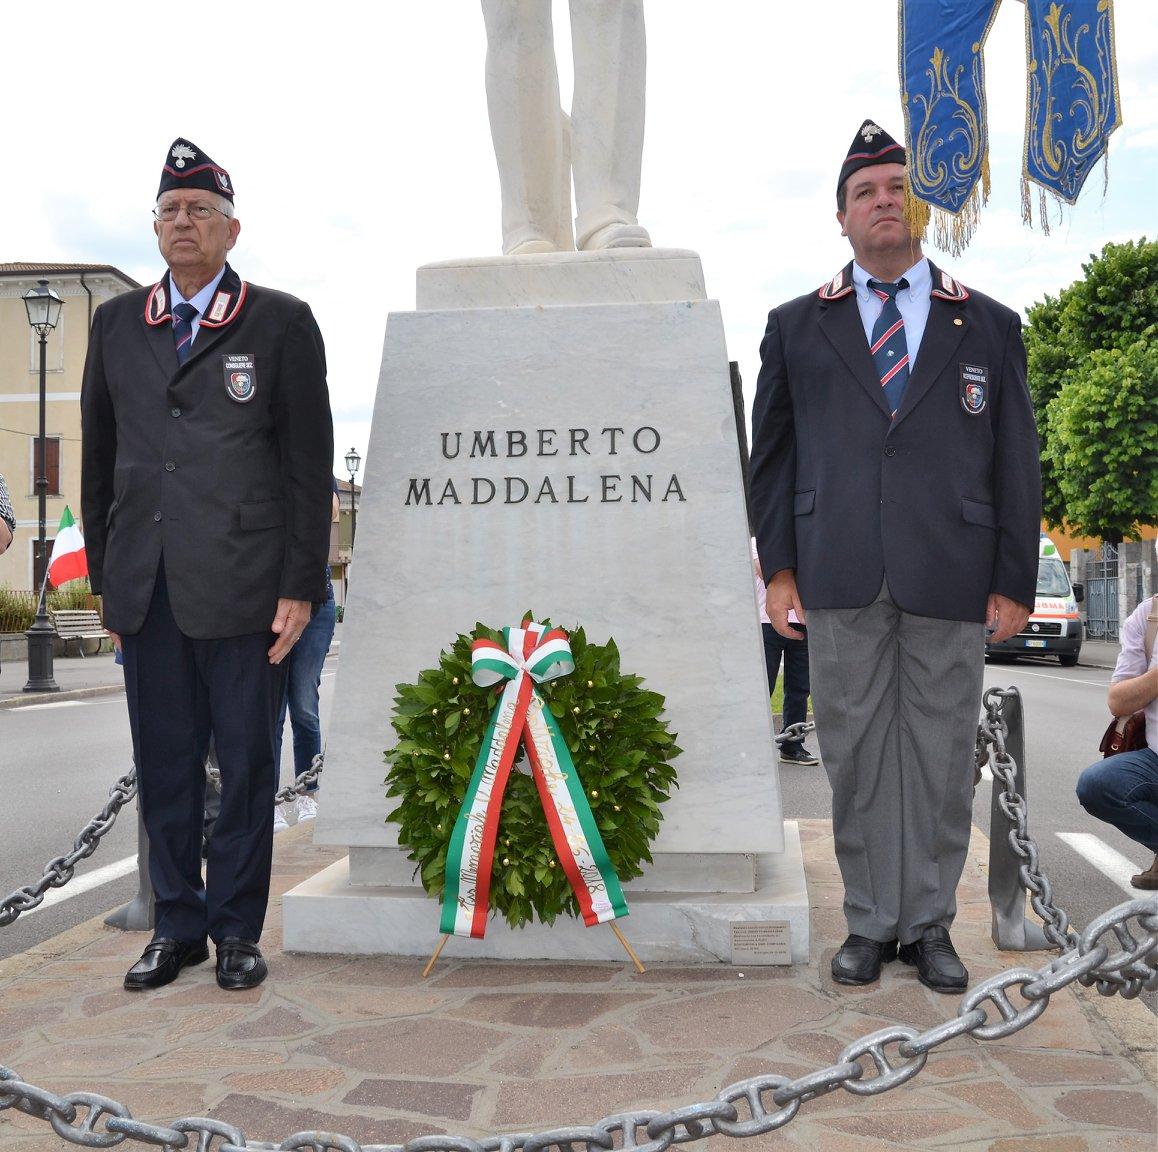 Bottrighe Commemora Umberto Maddalena24 6 2018